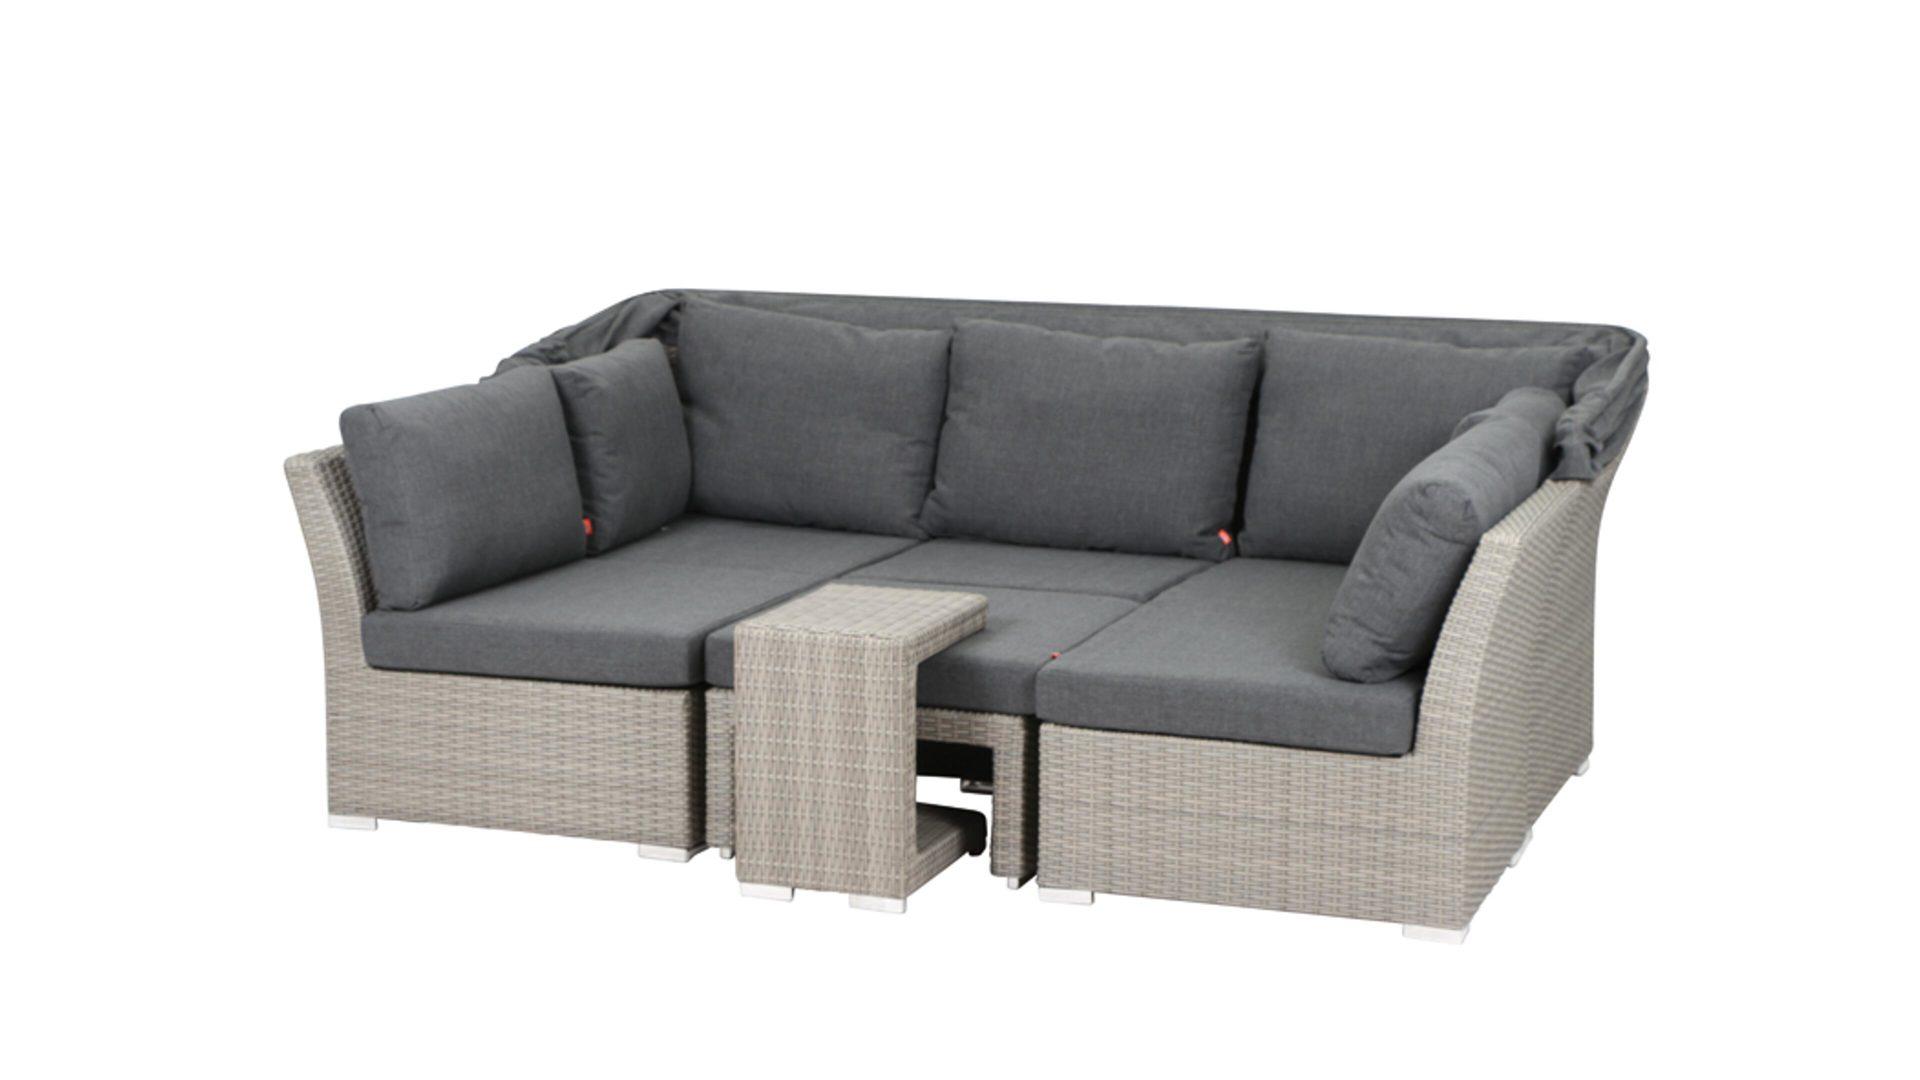 Einrichtungspartnerring Outdoor Lounge Möbel Siena Siena Garden